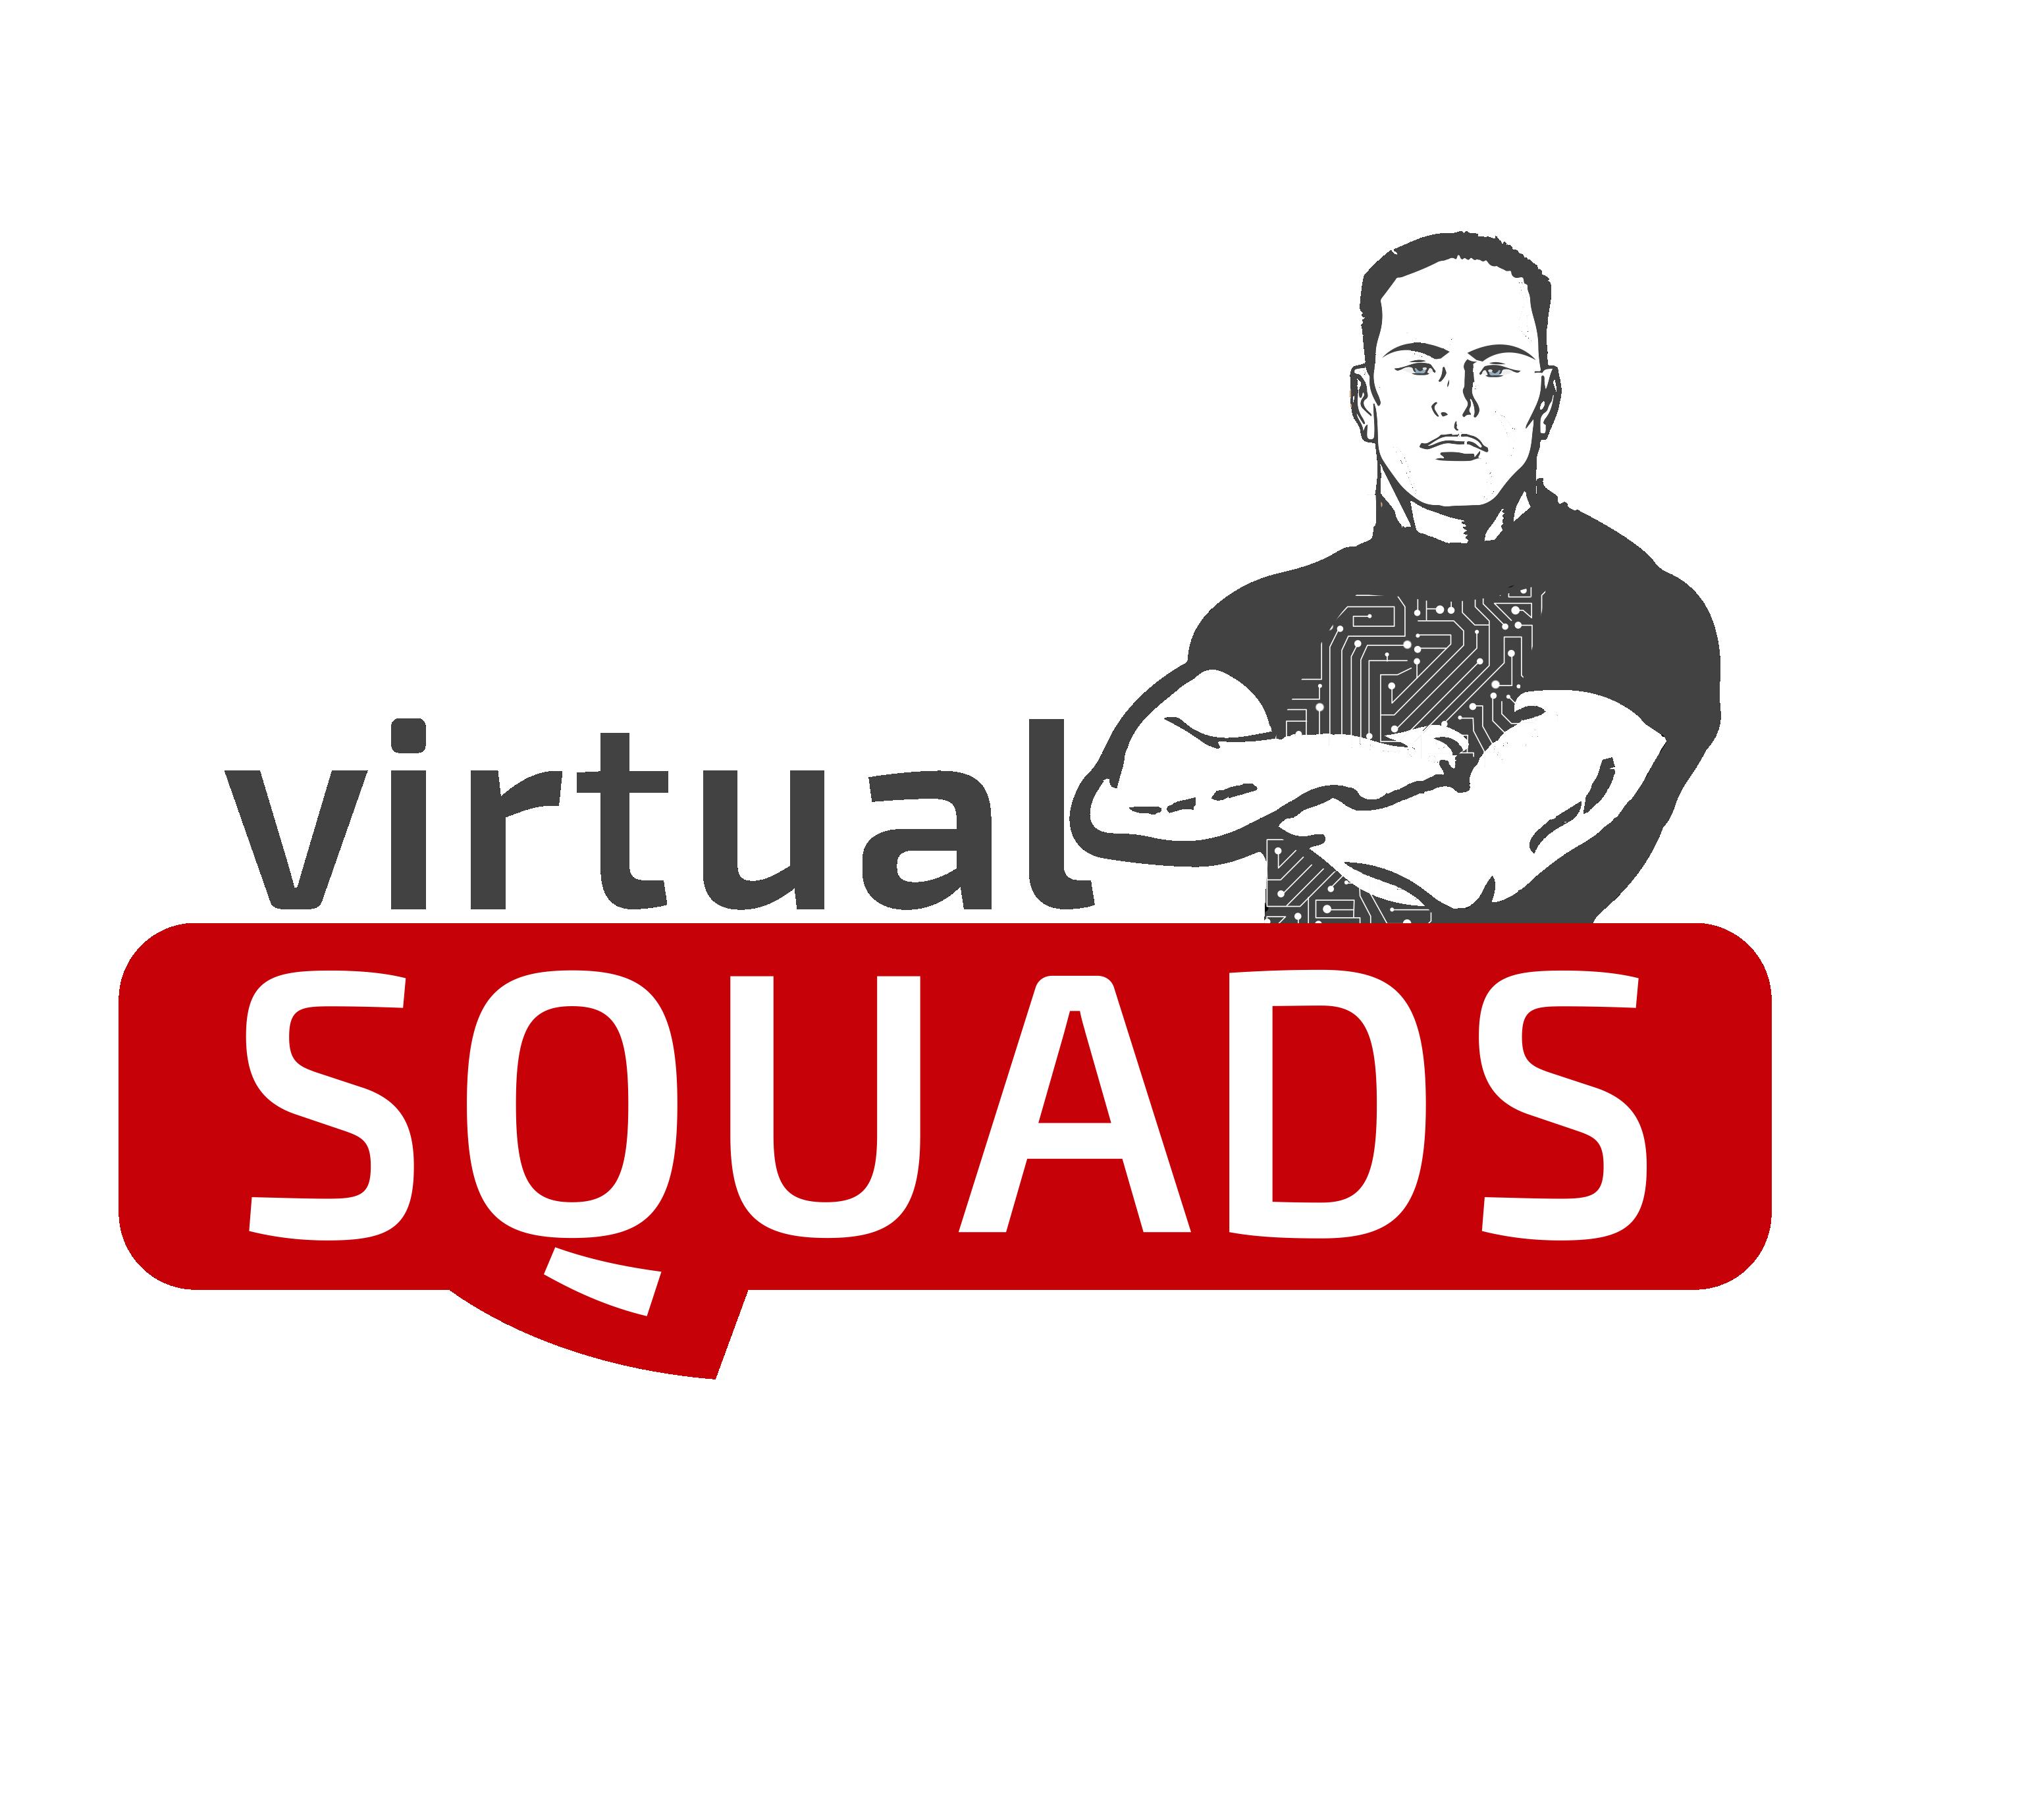 Virtual Squads